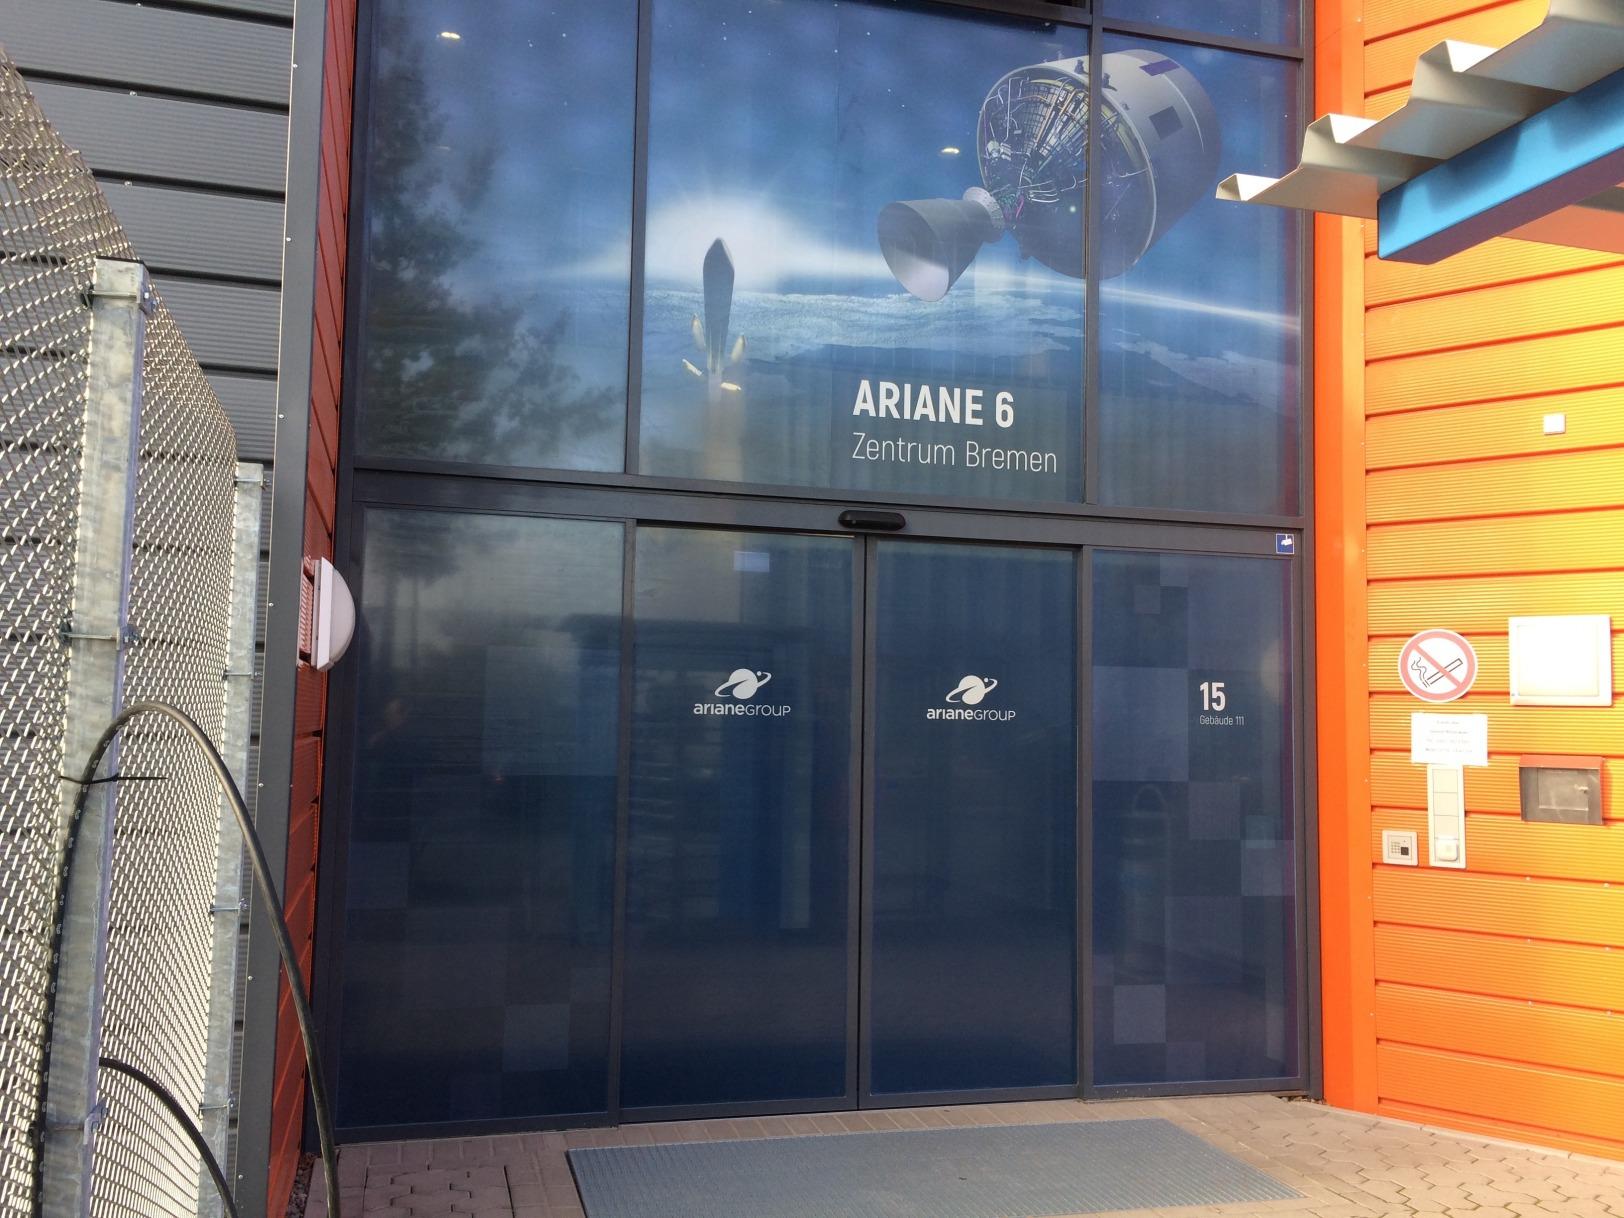 Ariane fenster 1 IMG_1040